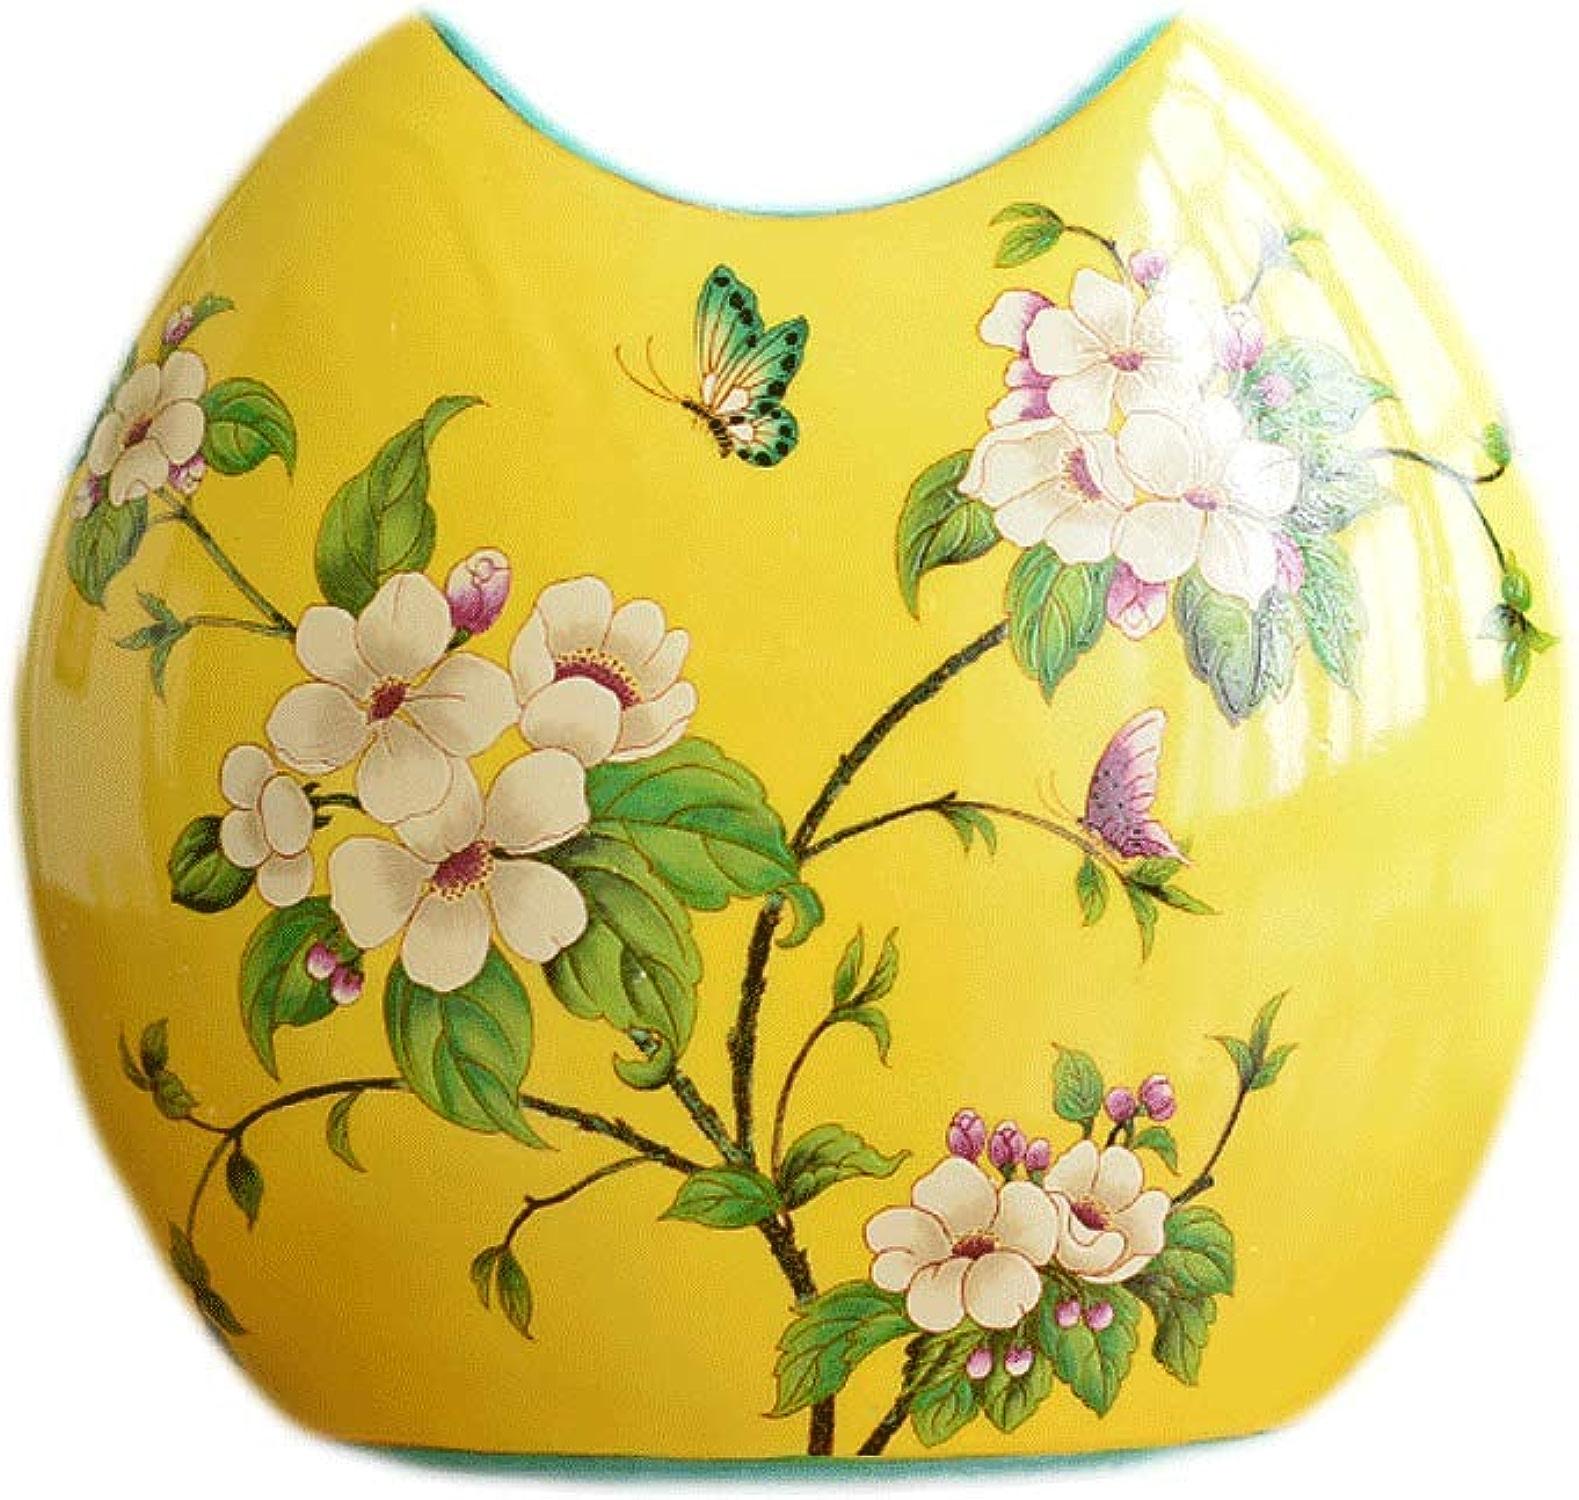 Vases QIQIDEDIAN Pays Salon Chambre Modèle Décoration Douce ArrangeHommest De La Fleur Décoration Céramique (Couleur   jaune, Taille   18cm27.5cm12.5cm)